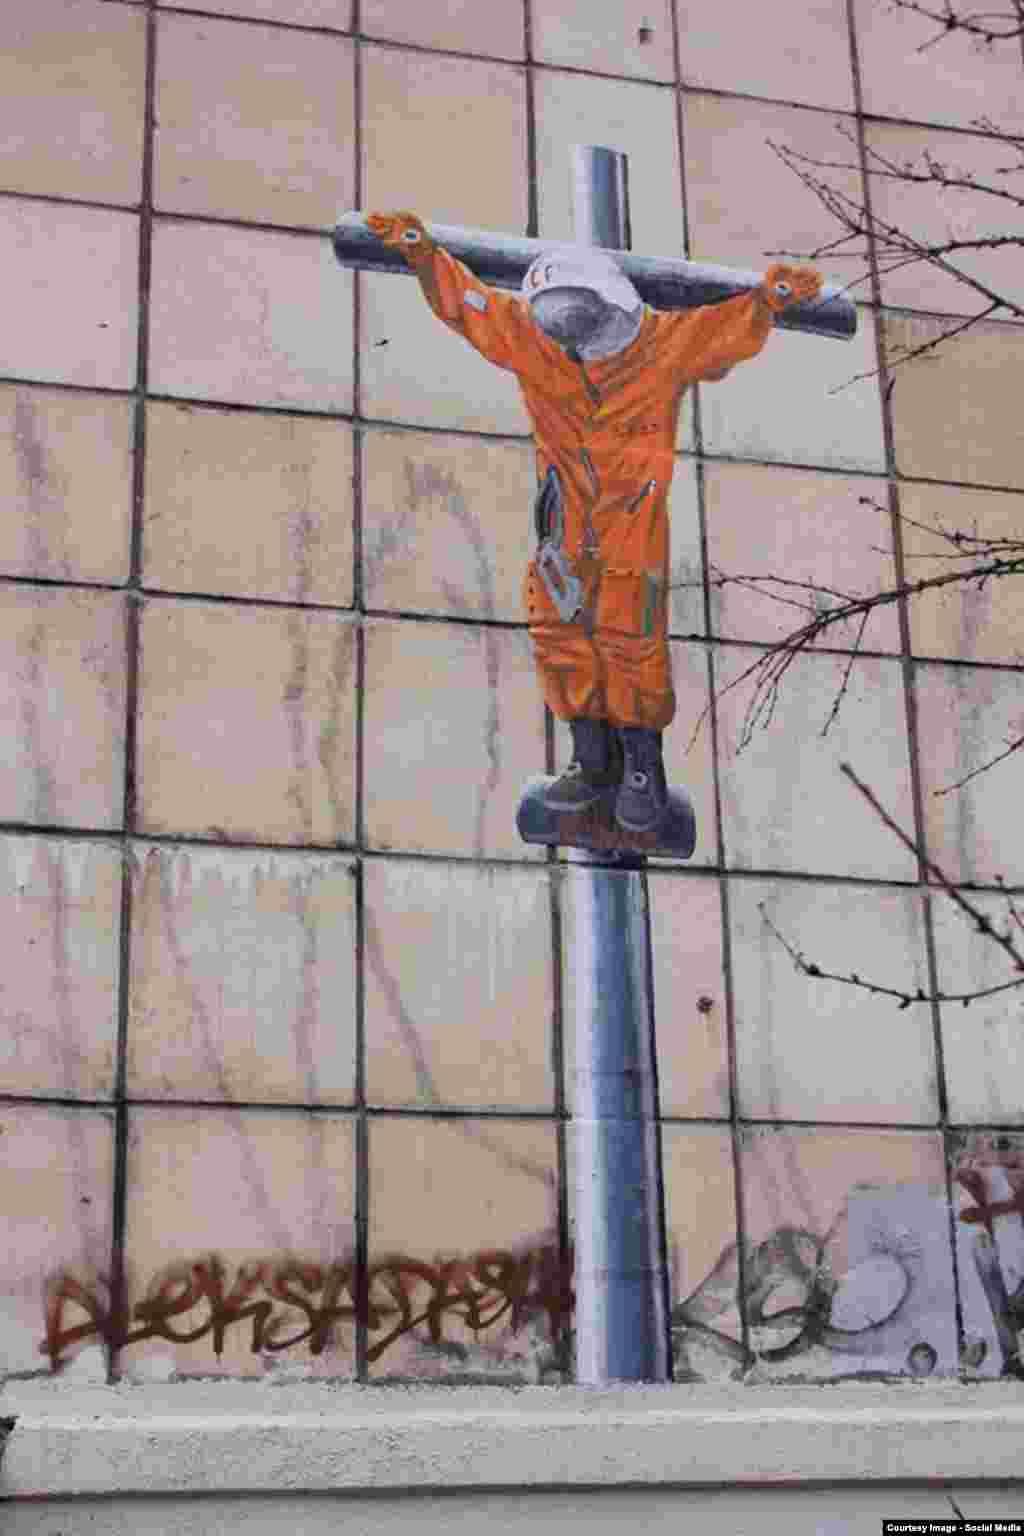 В 2015 году День космонавтики совпал с празднованием Пасхи. Пермский художник Александр Жунев посчитал это совпадение символичным и изобразил Гагарина распятым на кресте. Он объяснил свой поступок тем, чтонаука и религия долгое время противостояли друг другу, но сейчас наука начала уступать свои позиции в первенстве за влияние на умы населения